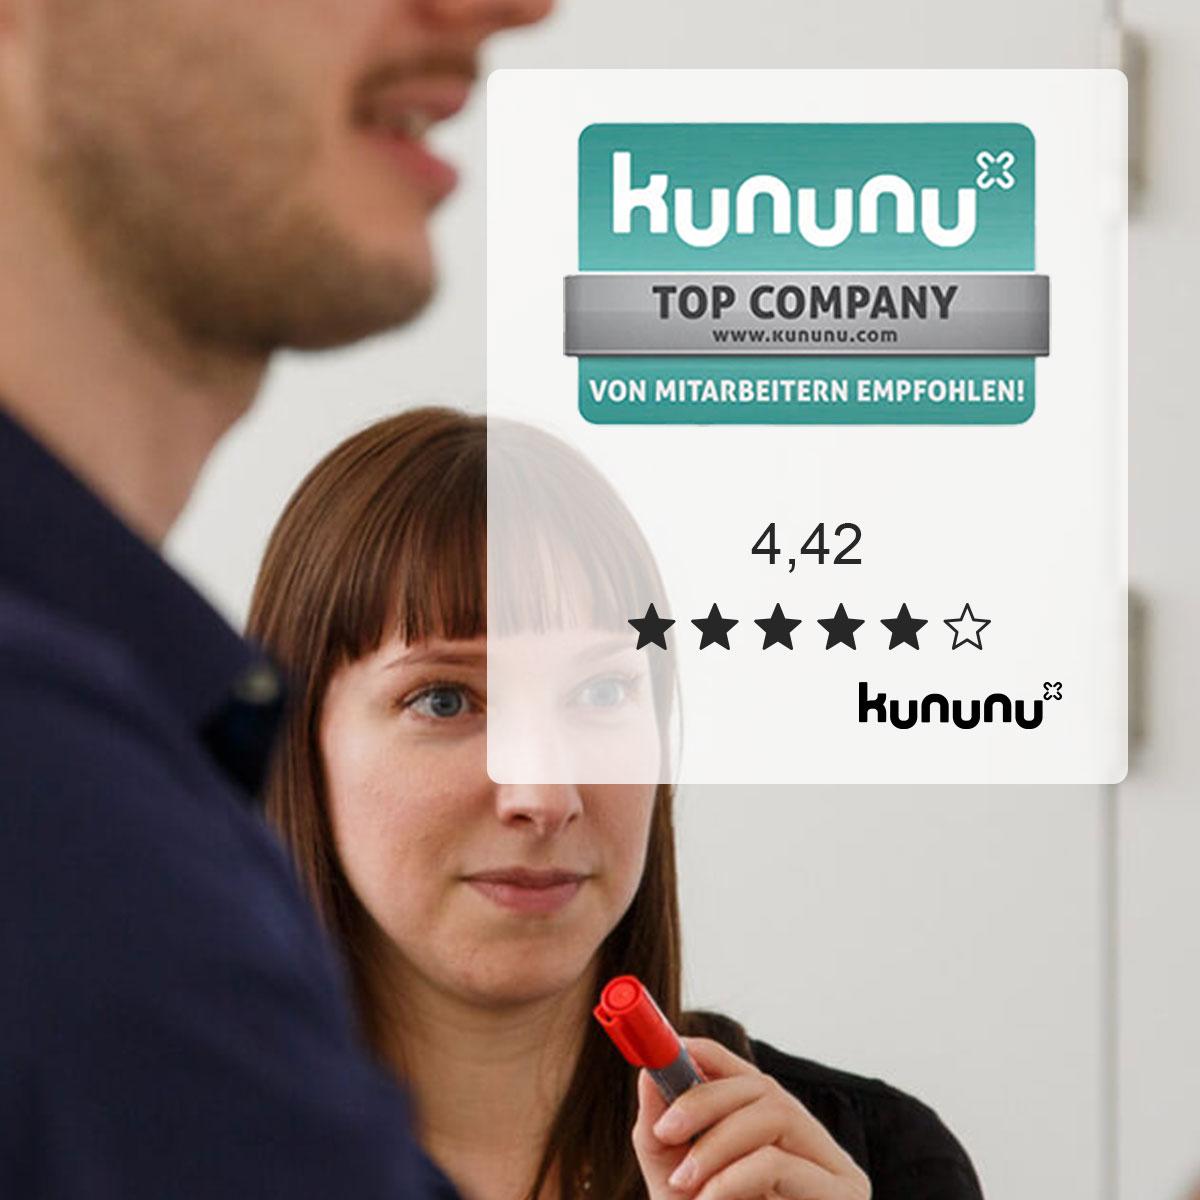 websms - websms wurde von kununu ald Top Company mit 4,42 von 5 Sternen ausgezeichnet